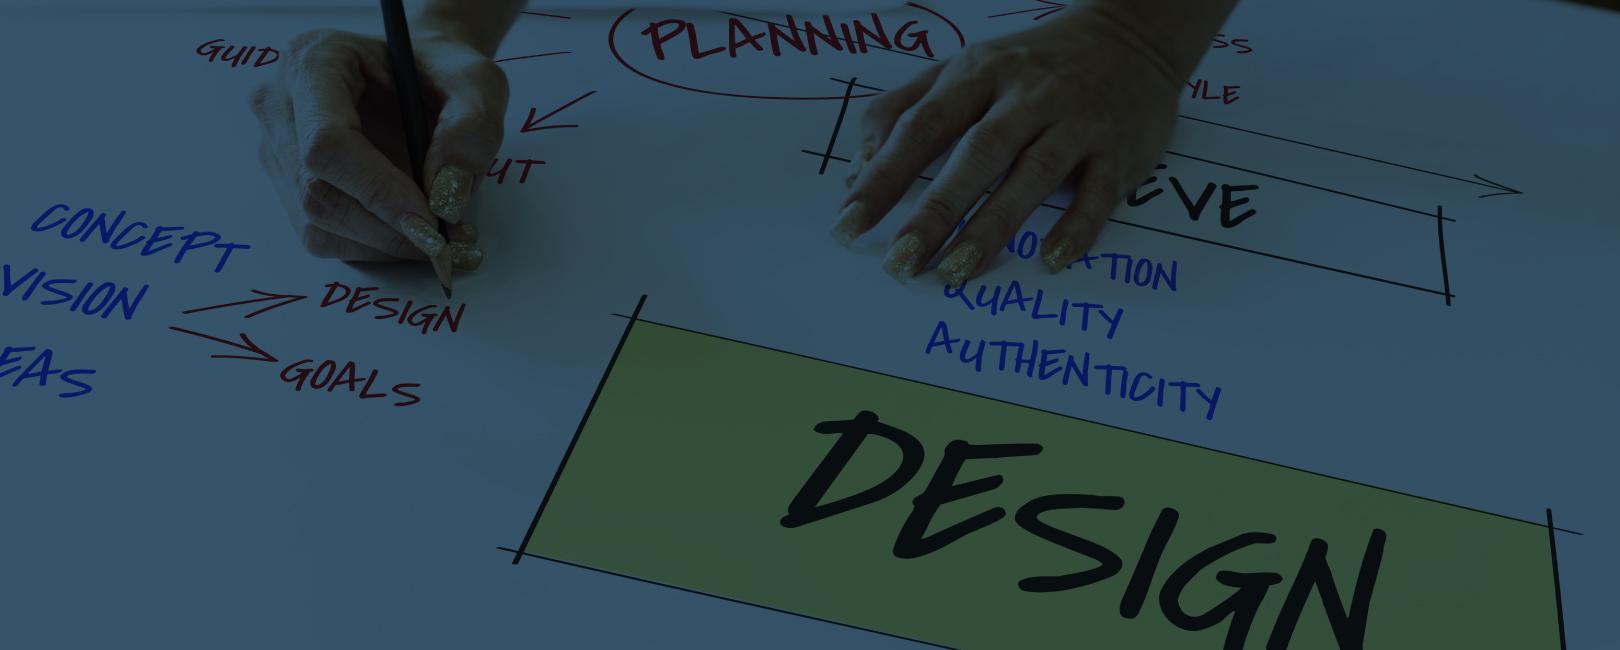 Abrazando el Design Thinking en la gestión de personas